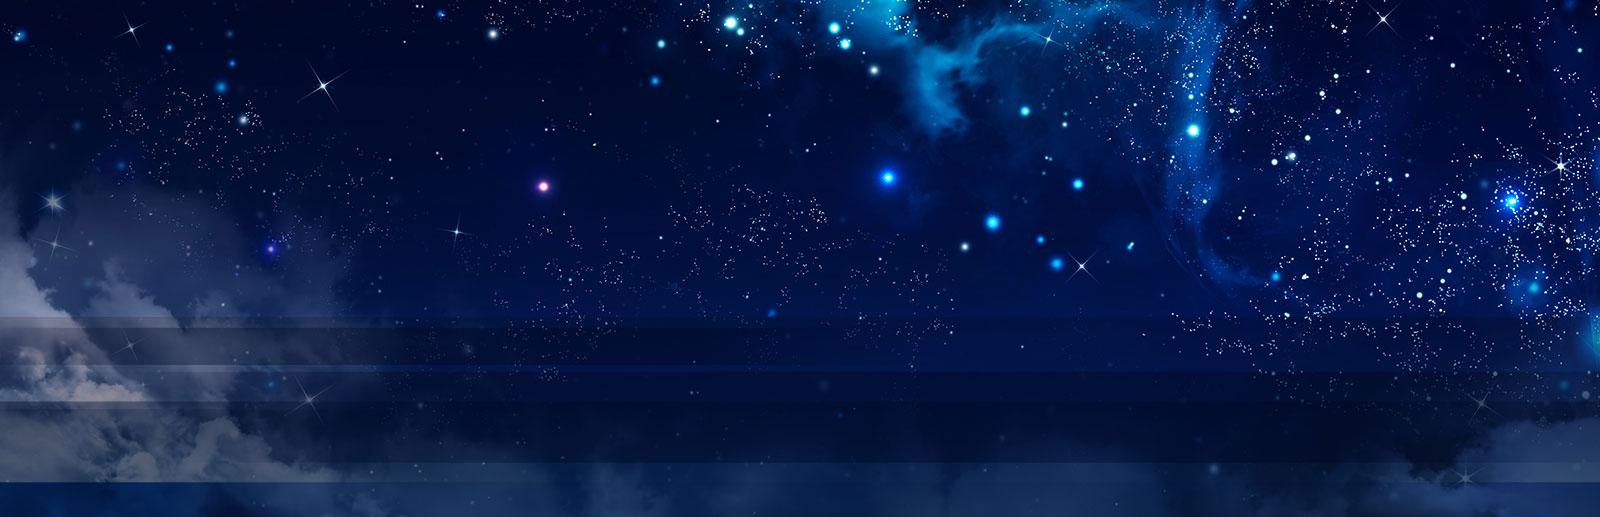 Bandeau Nuit